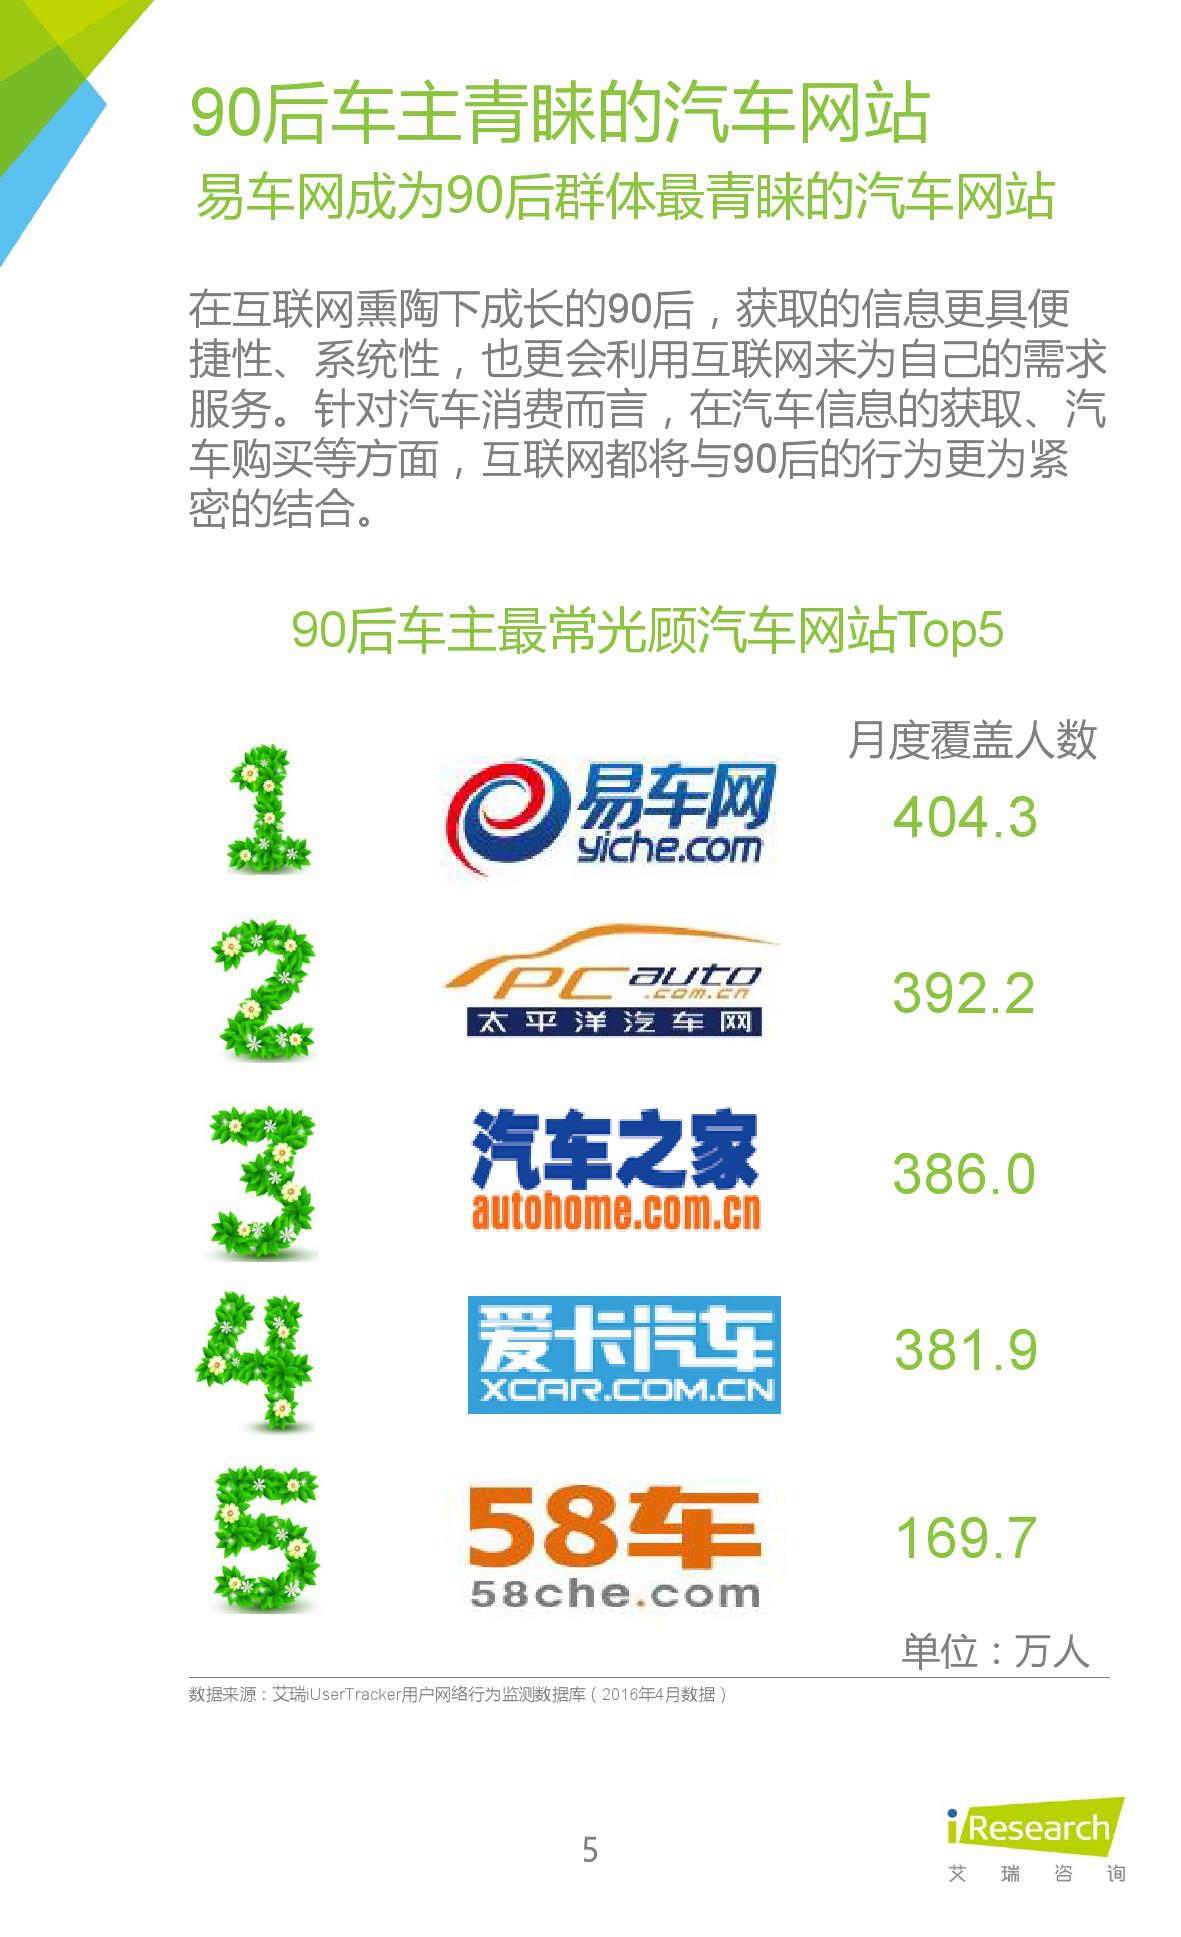 2016年中国90后汽车消费群体研究报告_000005